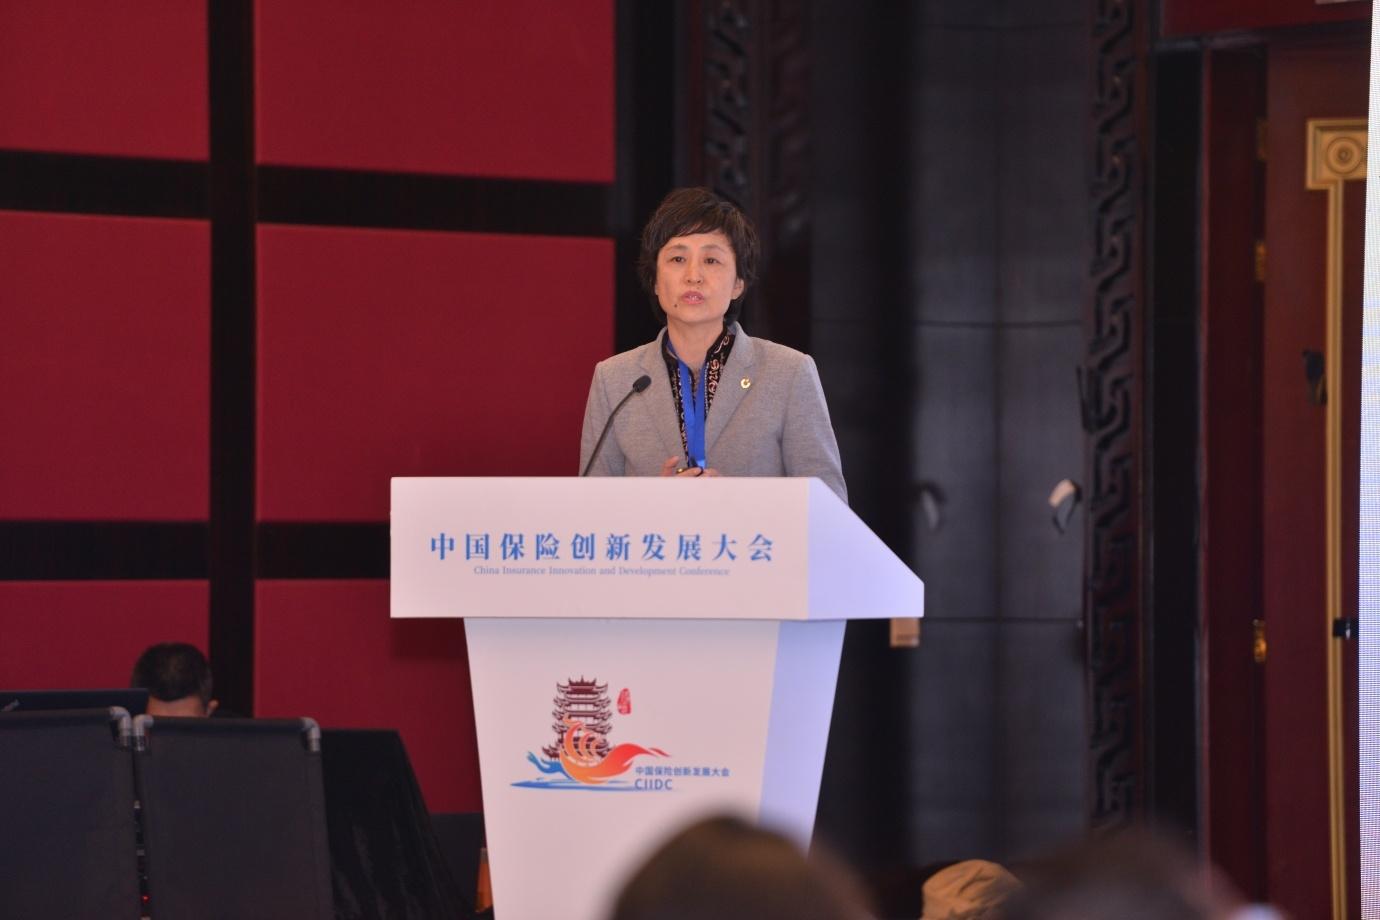 中国人寿保险副总裁杨红:以人为本 抓法促寿险运营服务数字化转型